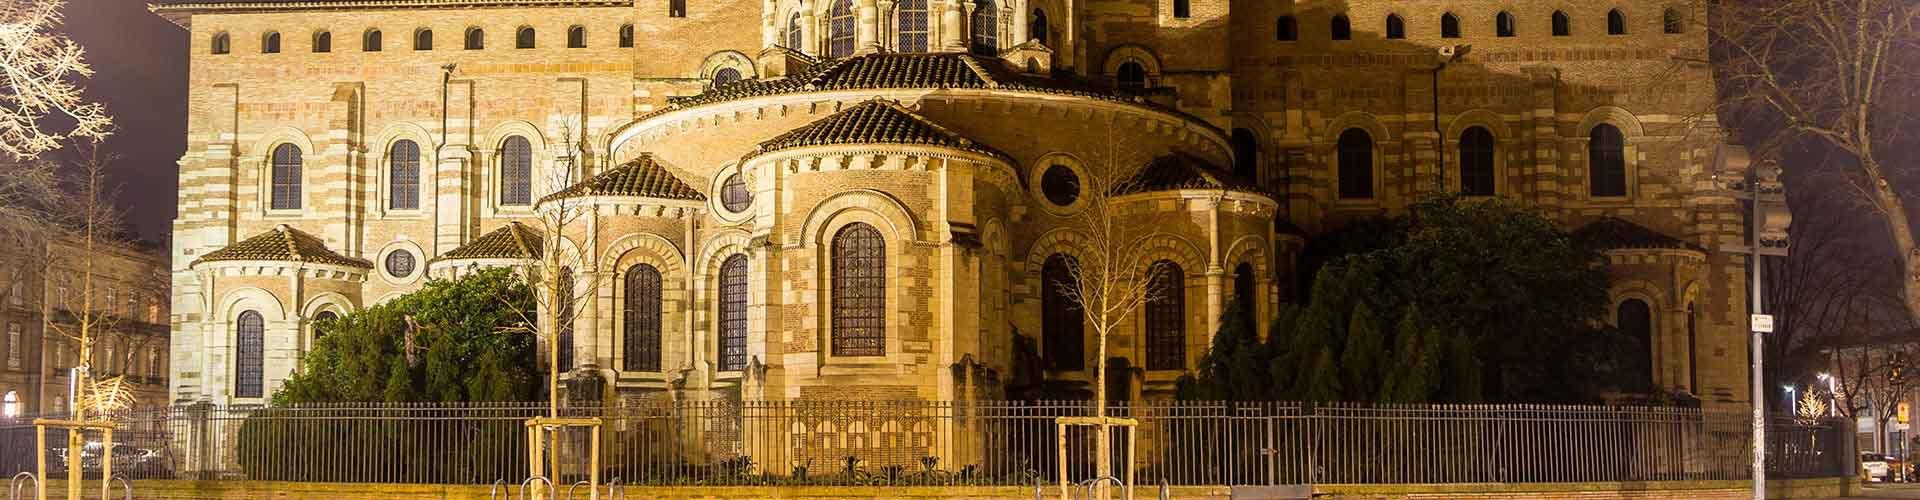 Toulouse - Hôtels dans le quartier de Saint Sernin. Cartes pour Toulouse, photos et commentaires pour chaque hôtel à Toulouse.